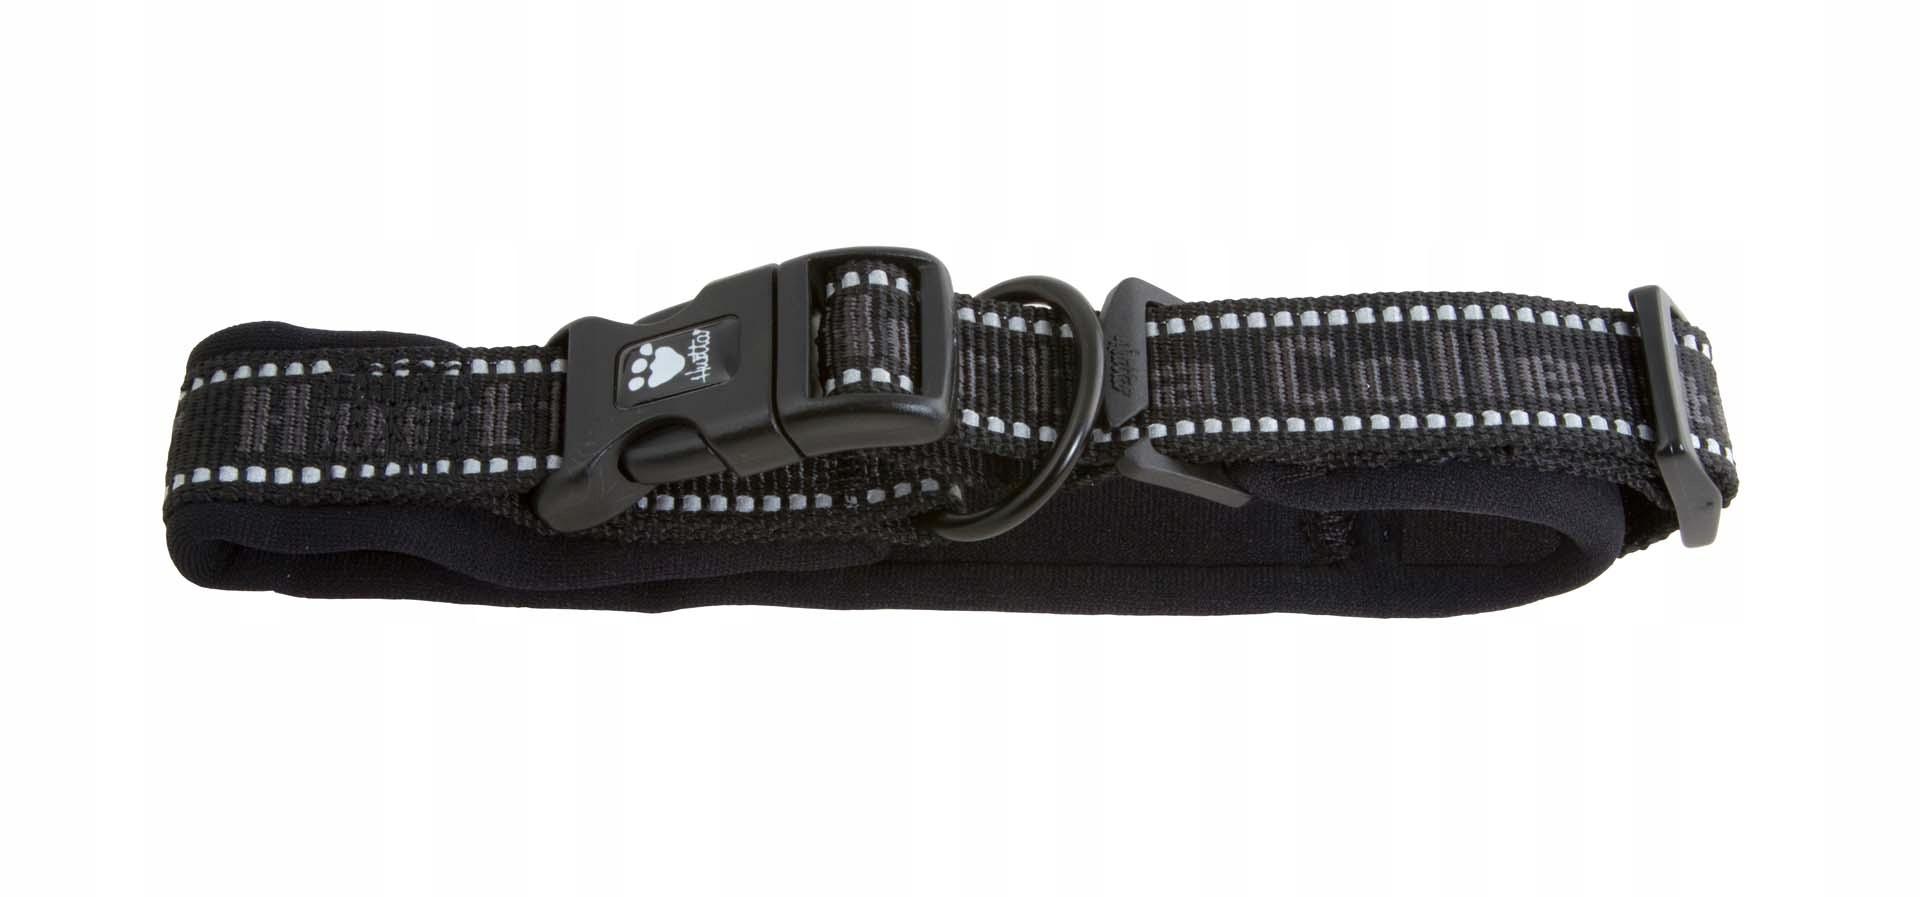 Ошейник Hurtta Pro Padded черный для собак (30-40 см, Черный)